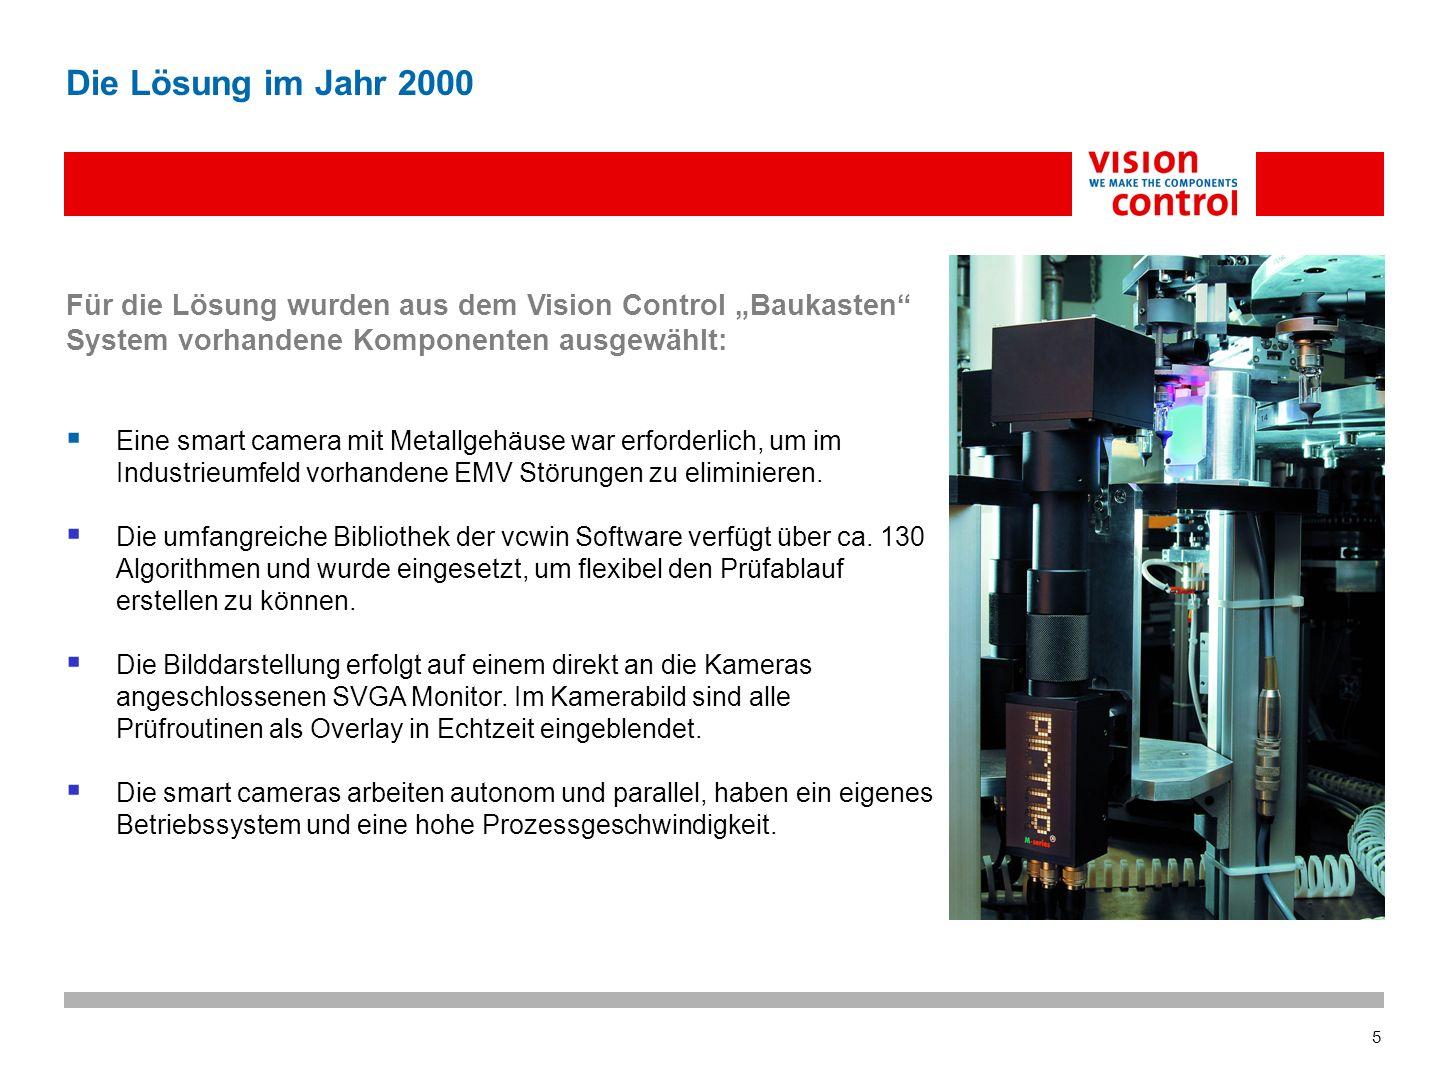 5 Die Lösung im Jahr 2000 Für die Lösung wurden aus dem Vision Control Baukasten System vorhandene Komponenten ausgewählt: Eine smart camera mit Metallgehäuse war erforderlich, um im Industrieumfeld vorhandene EMV Störungen zu eliminieren.